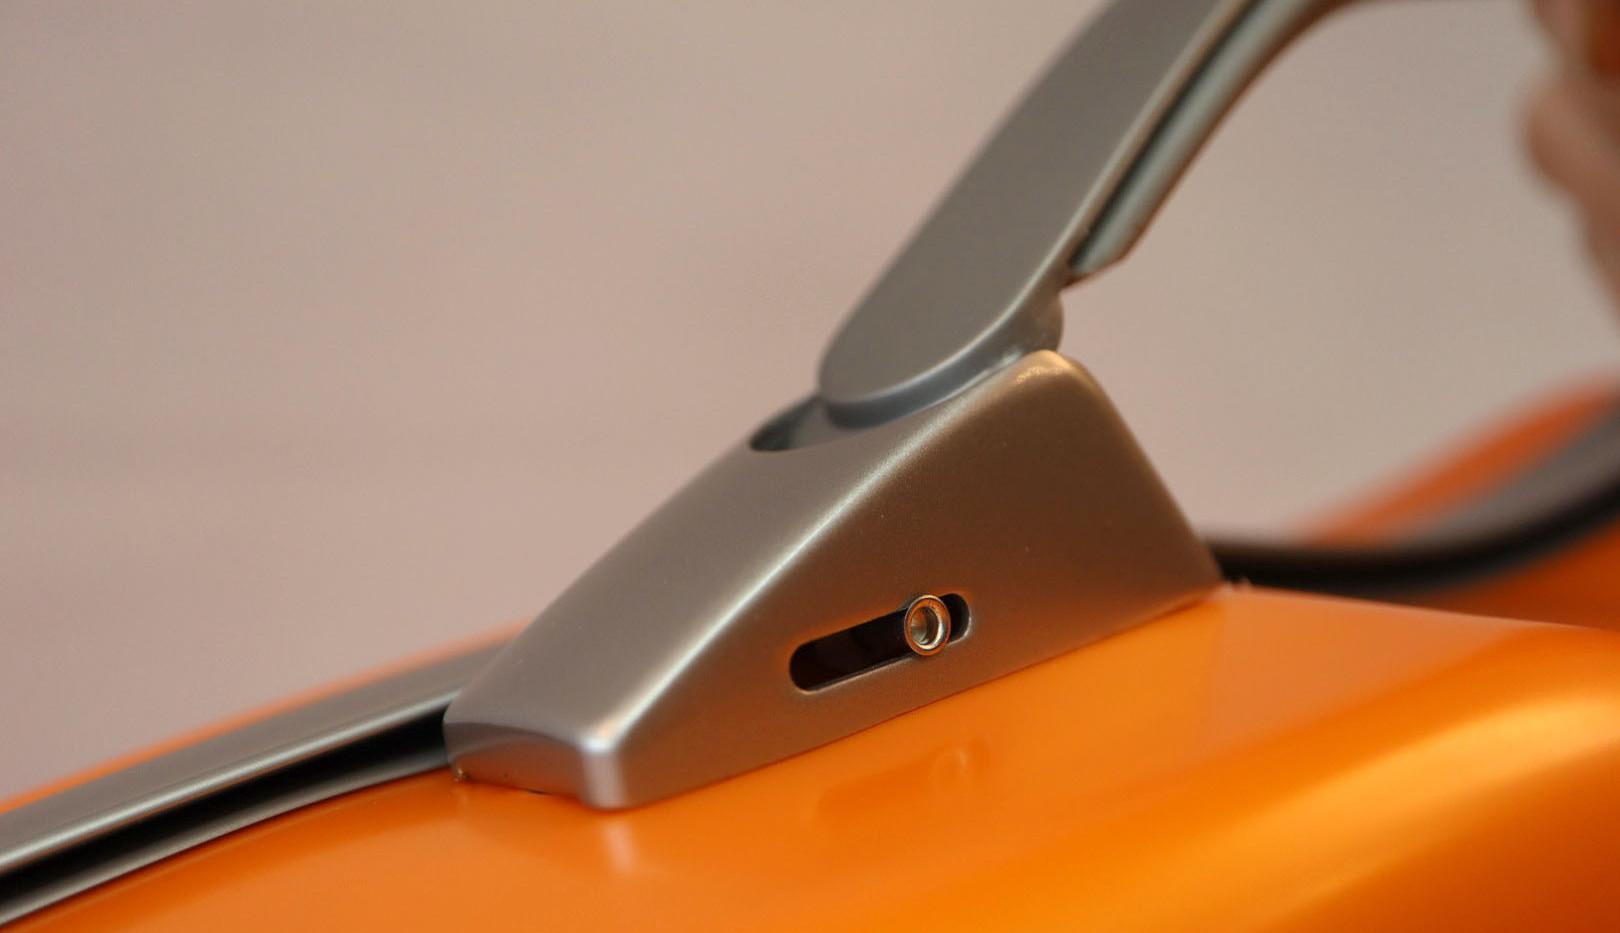 2000XLORG - Hightech Slim Violin Case - Orangey